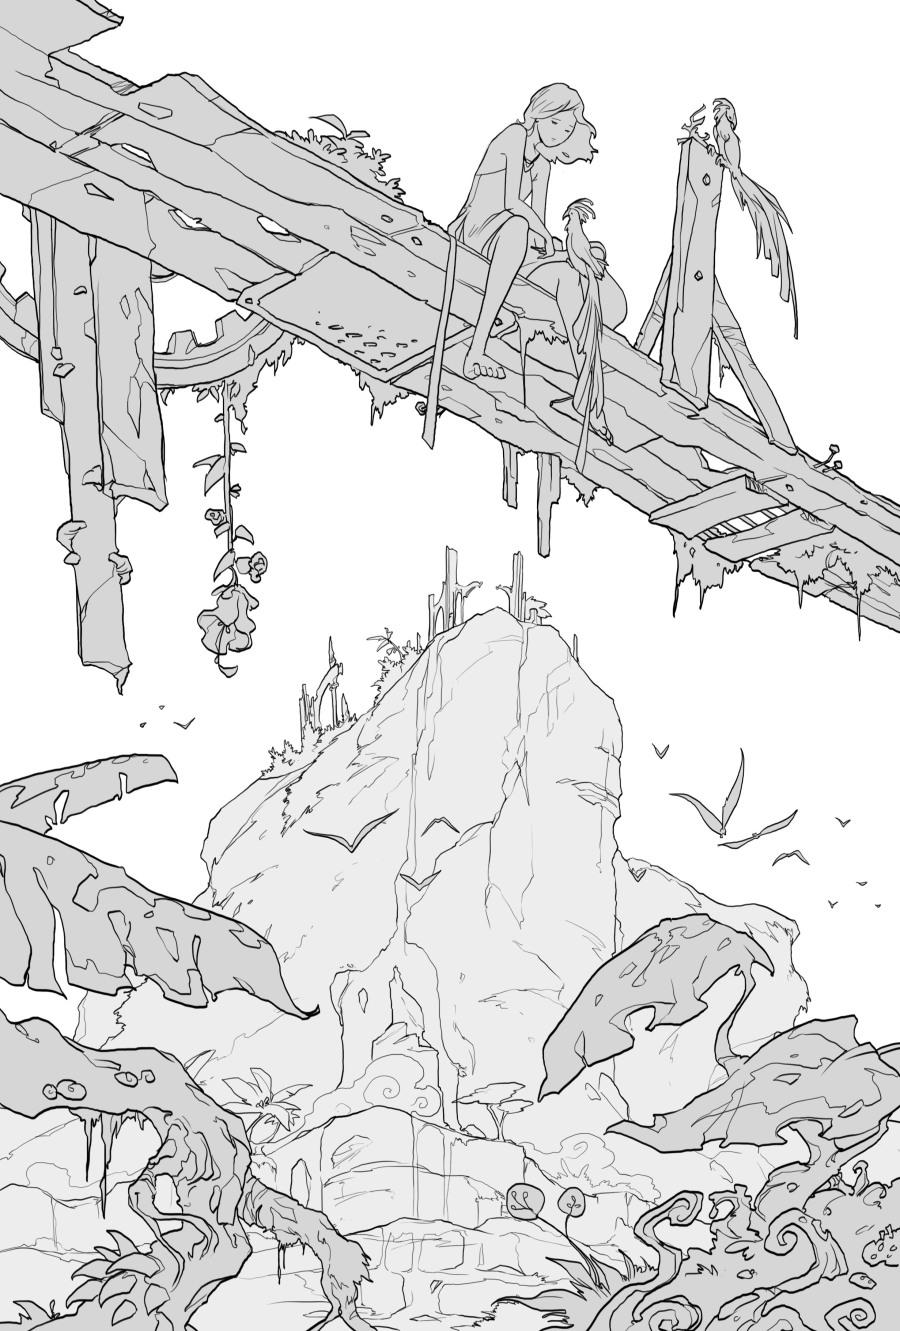 01_ROCHEUSES - Forgotten Eden.jpg